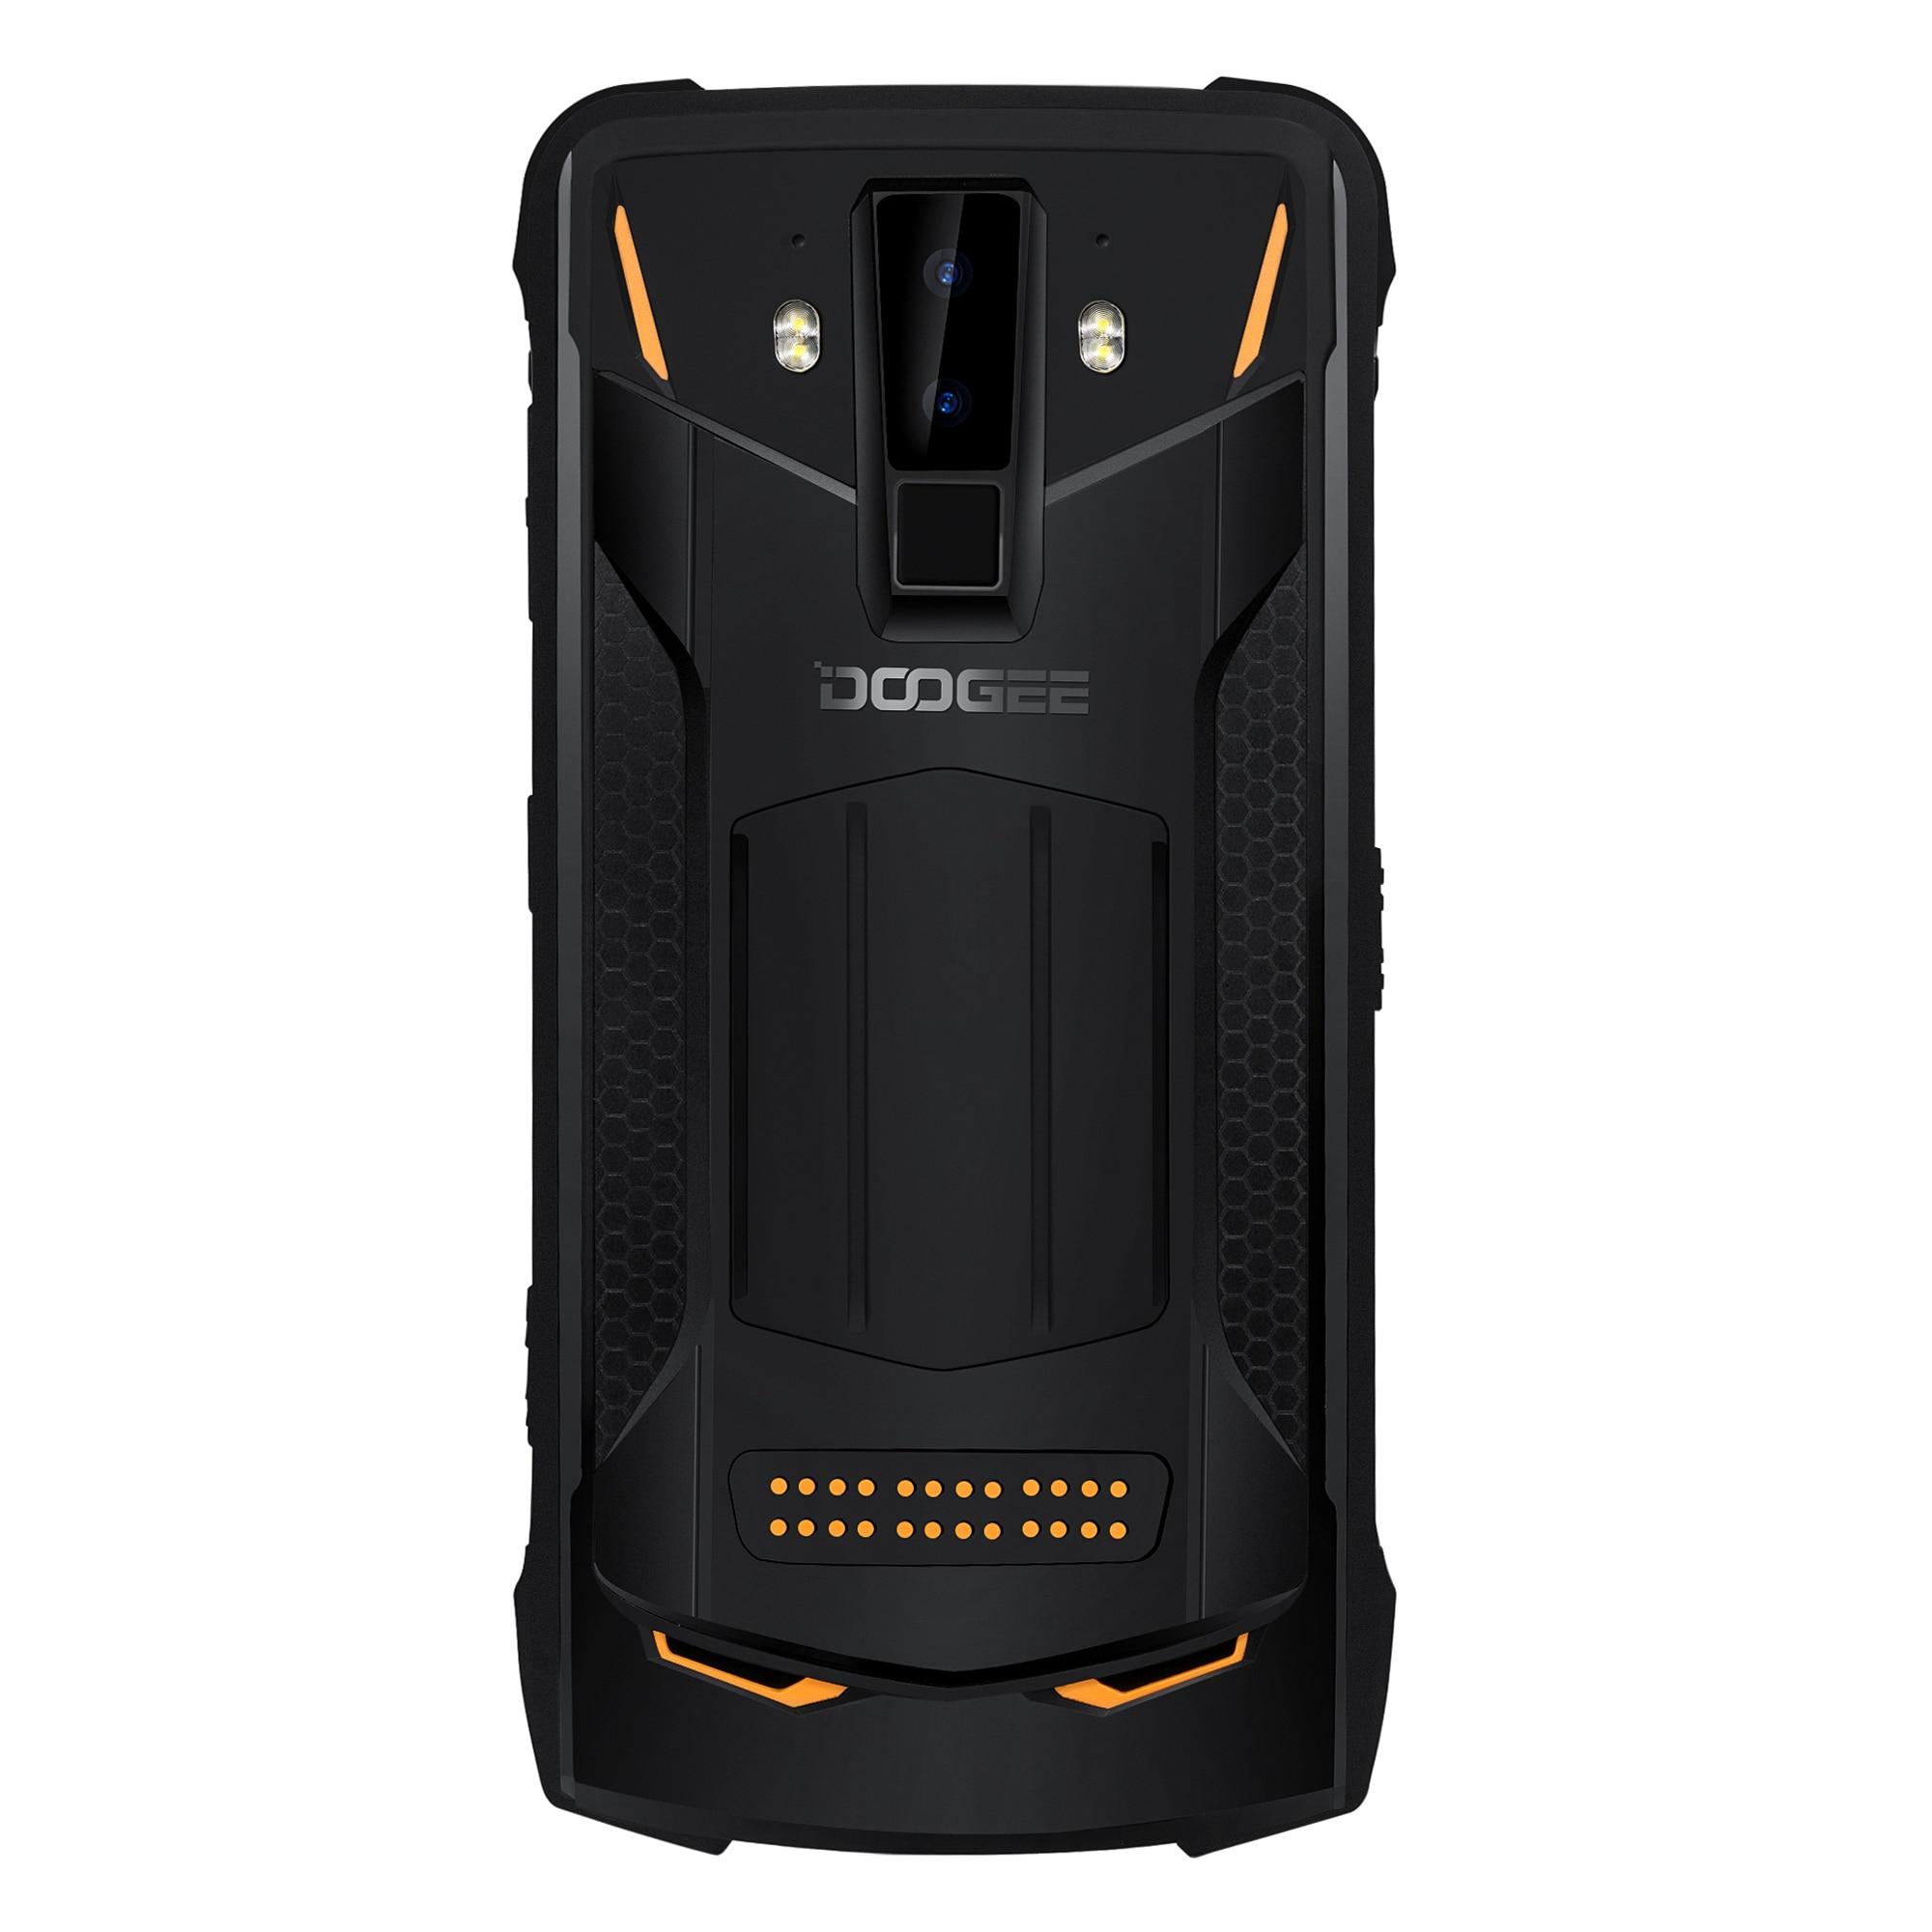 Фото. DOOGEE S90 прочный смартфон GSM/WCDMA/LTE 6,18 дюймов, мобильные телефоны IP68/IP69K 5050 мАч Helio